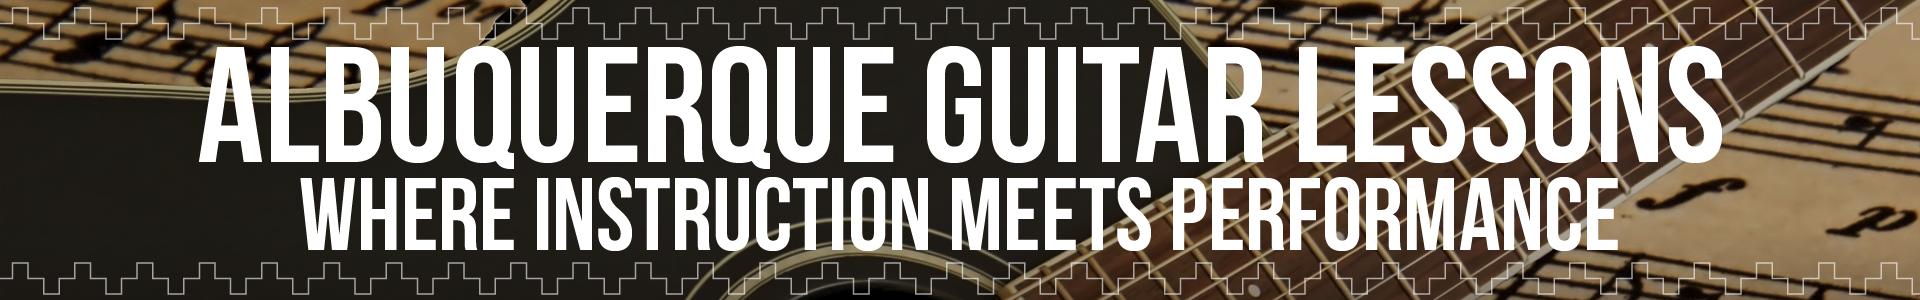 Albuquerque Guitar Lessons-Banner